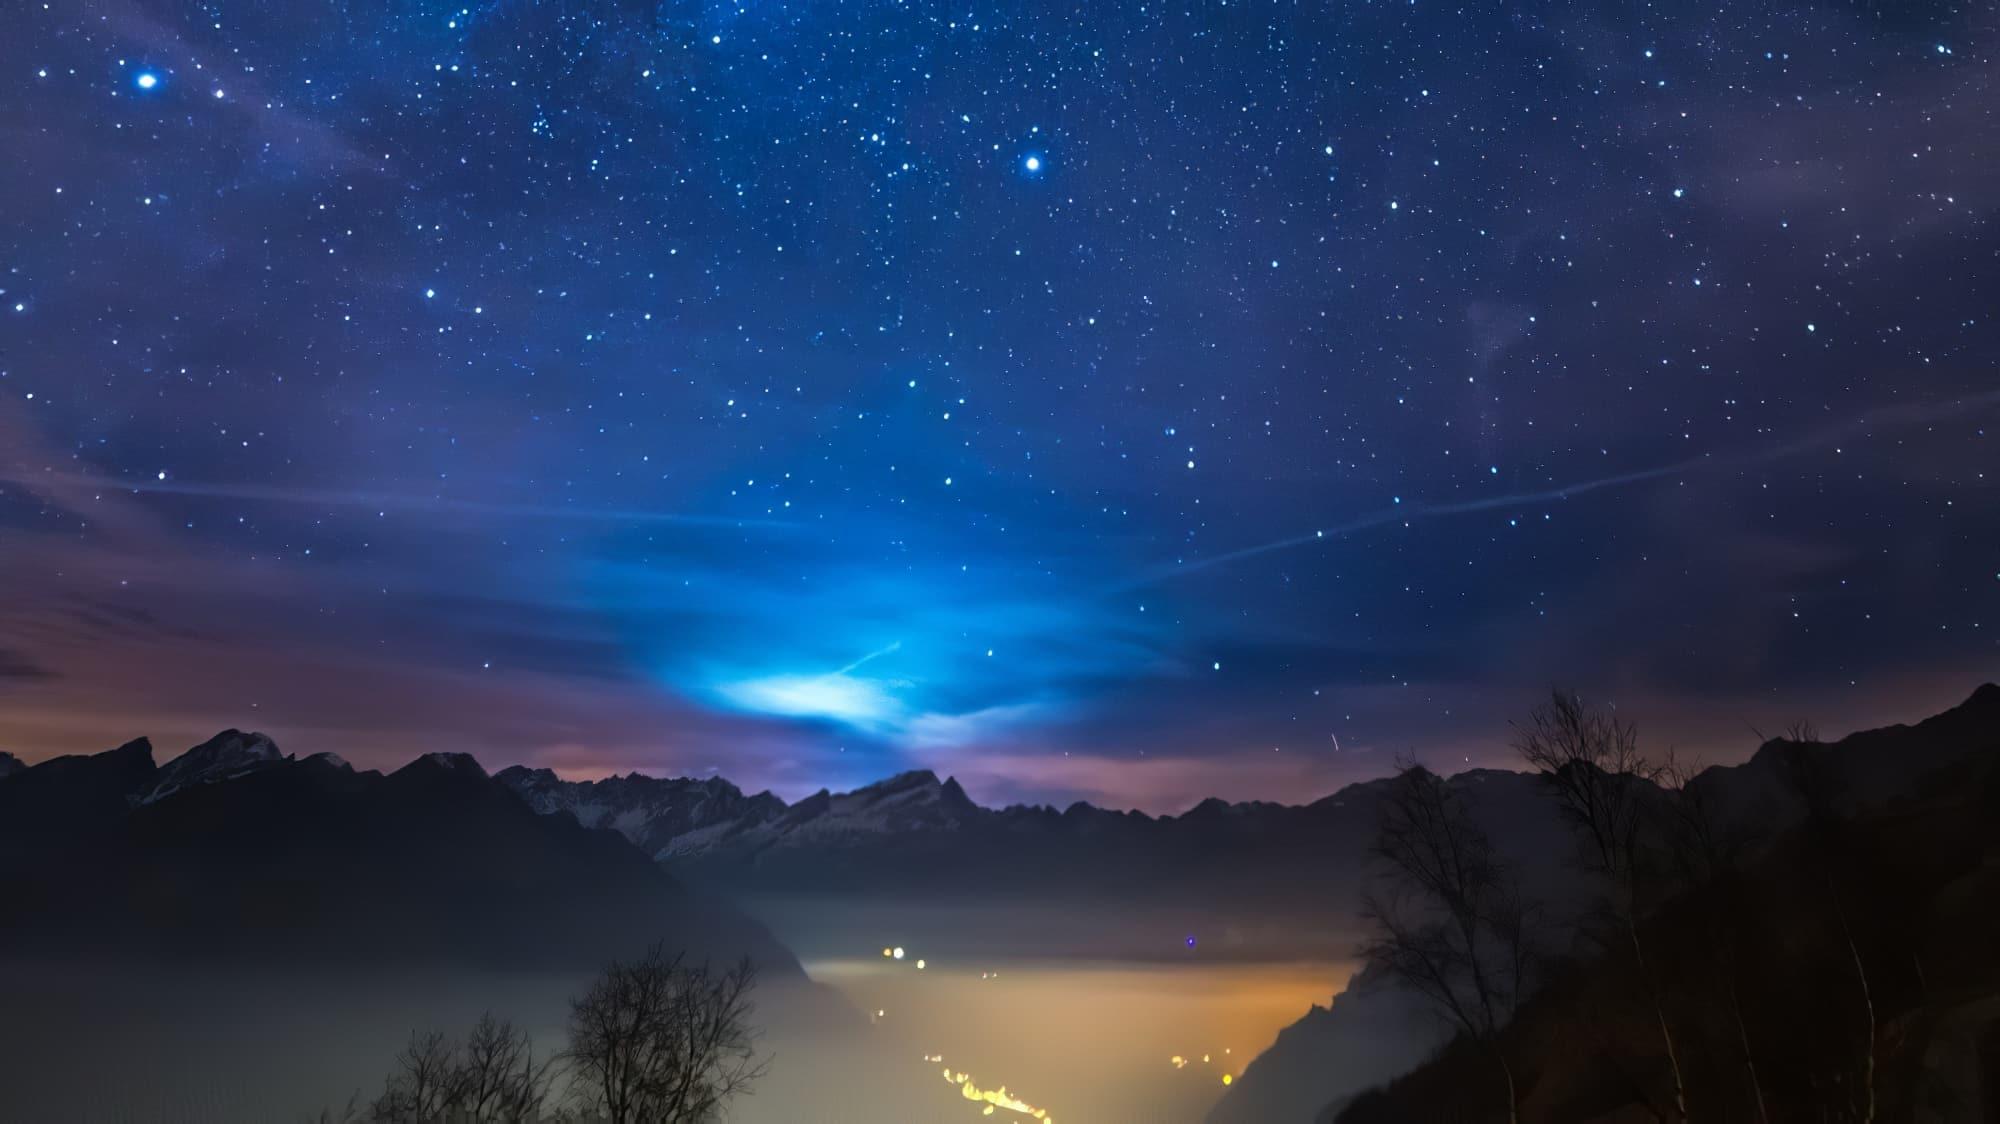 Le magnifique ciel étoilé de Noël et le majestueux massif des Alpes françaises italiennes, avec des villages scintillants en contrebas et des lumières lunes derrière les nuages.